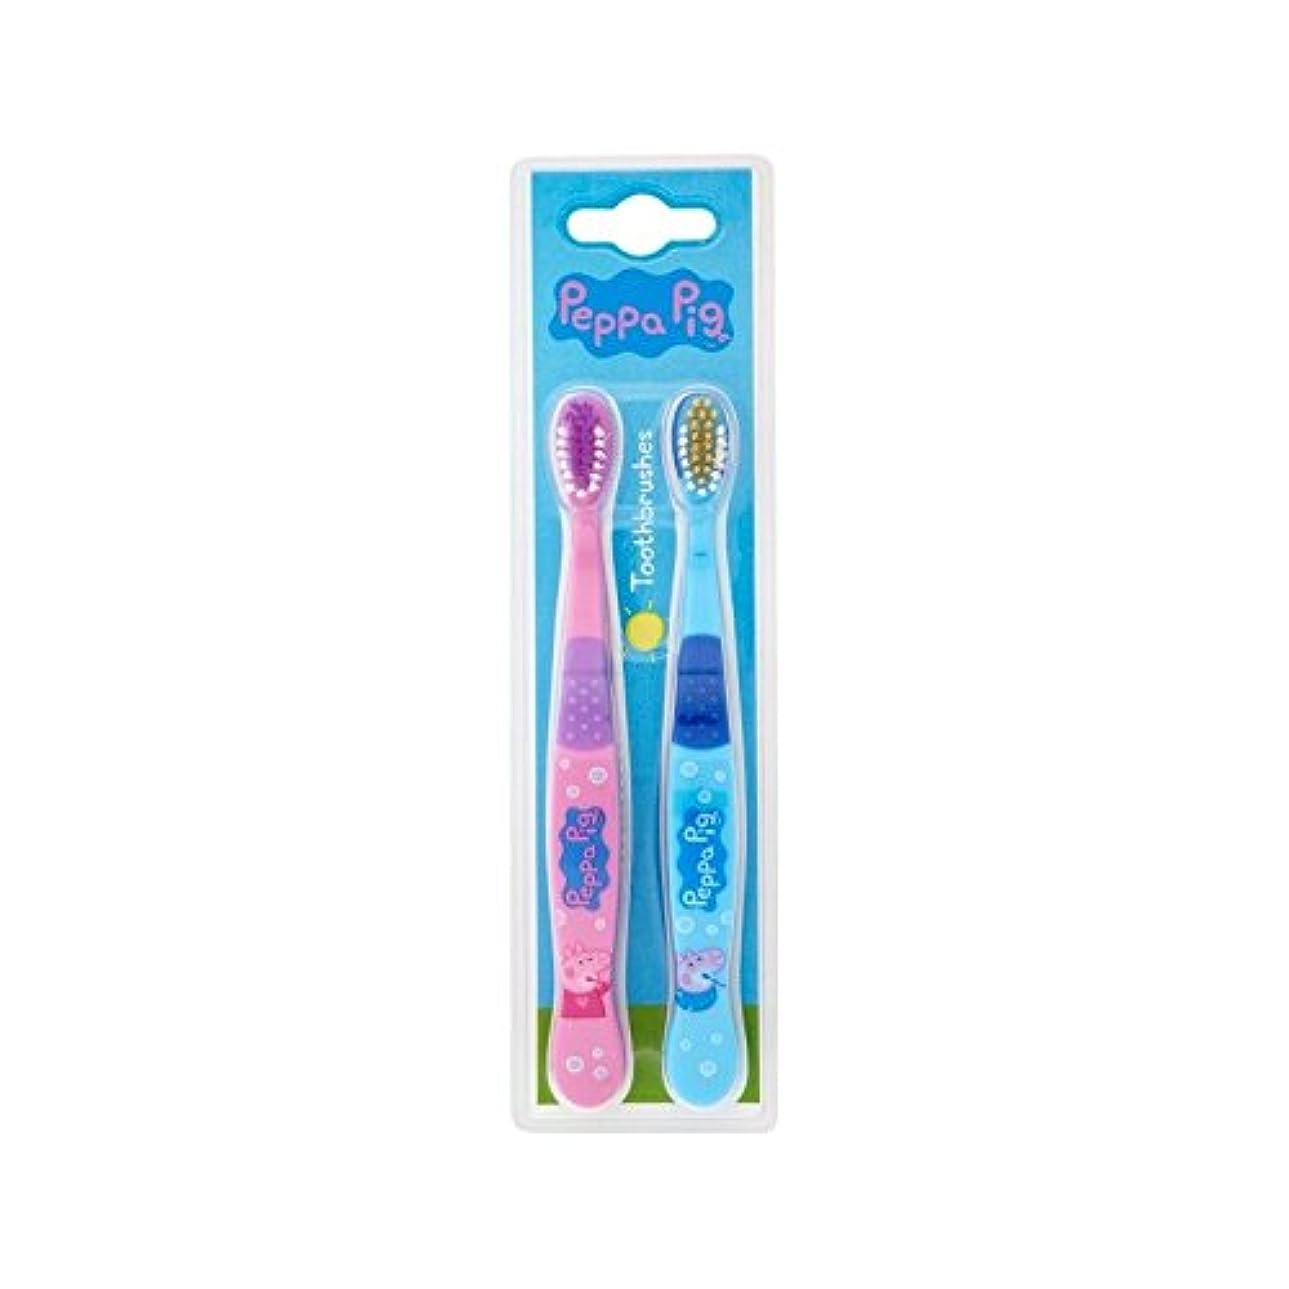 おかしい禁輸書く1パックツイン歯ブラシ2 (Peppa Pig) (x 6) - Peppa Pig Twin Toothbrush 2 per pack (Pack of 6) [並行輸入品]